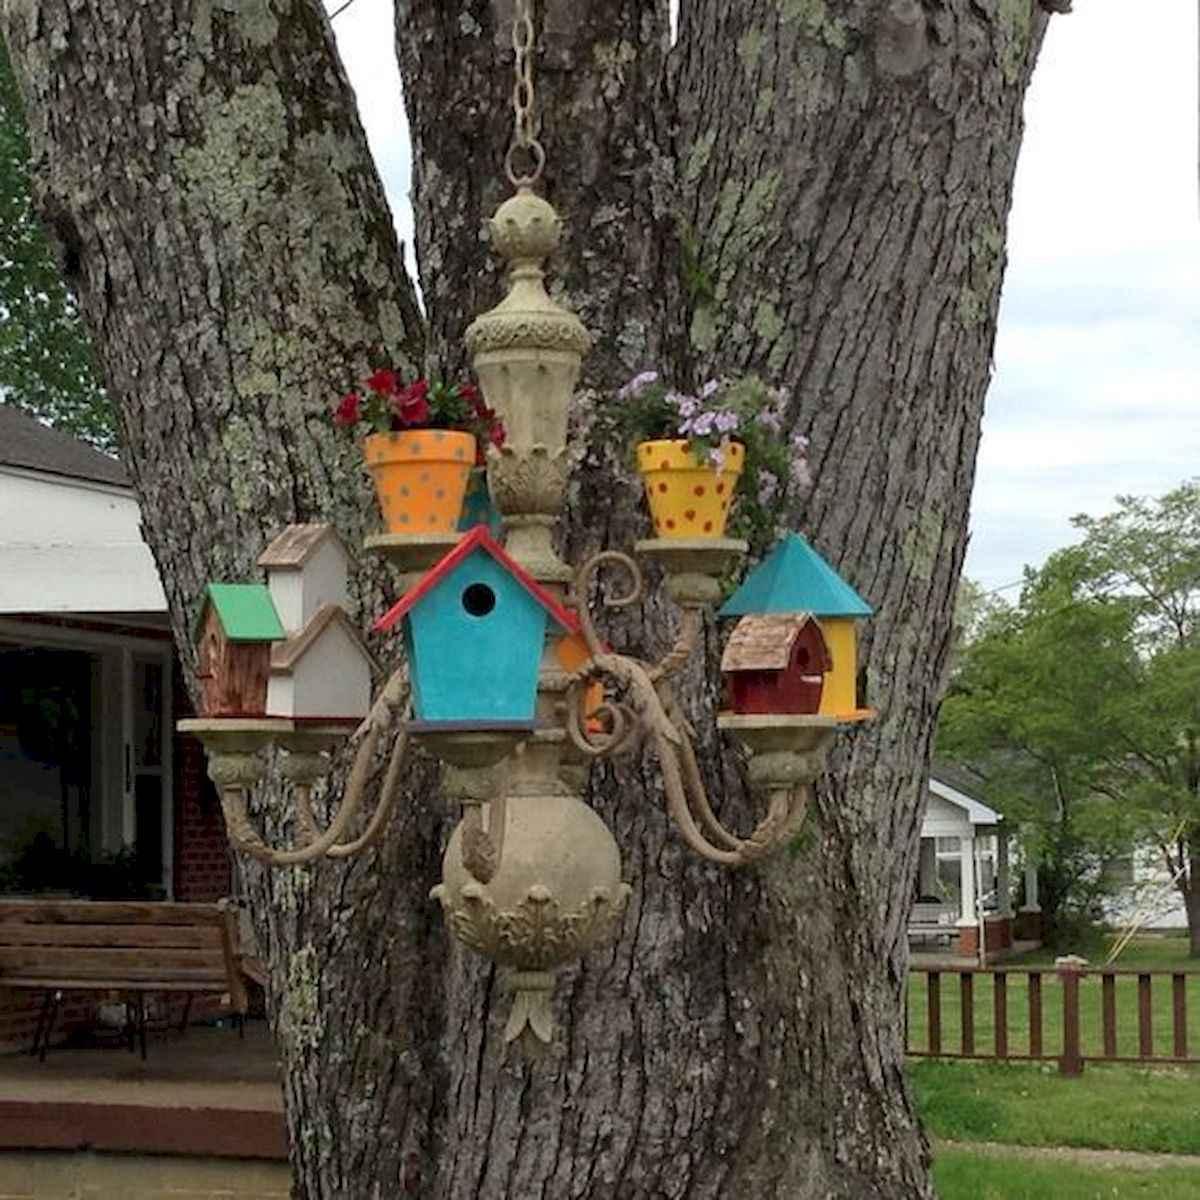 70 Creative and Inspiring Garden Art From Junk Design Ideas For Summer (23)